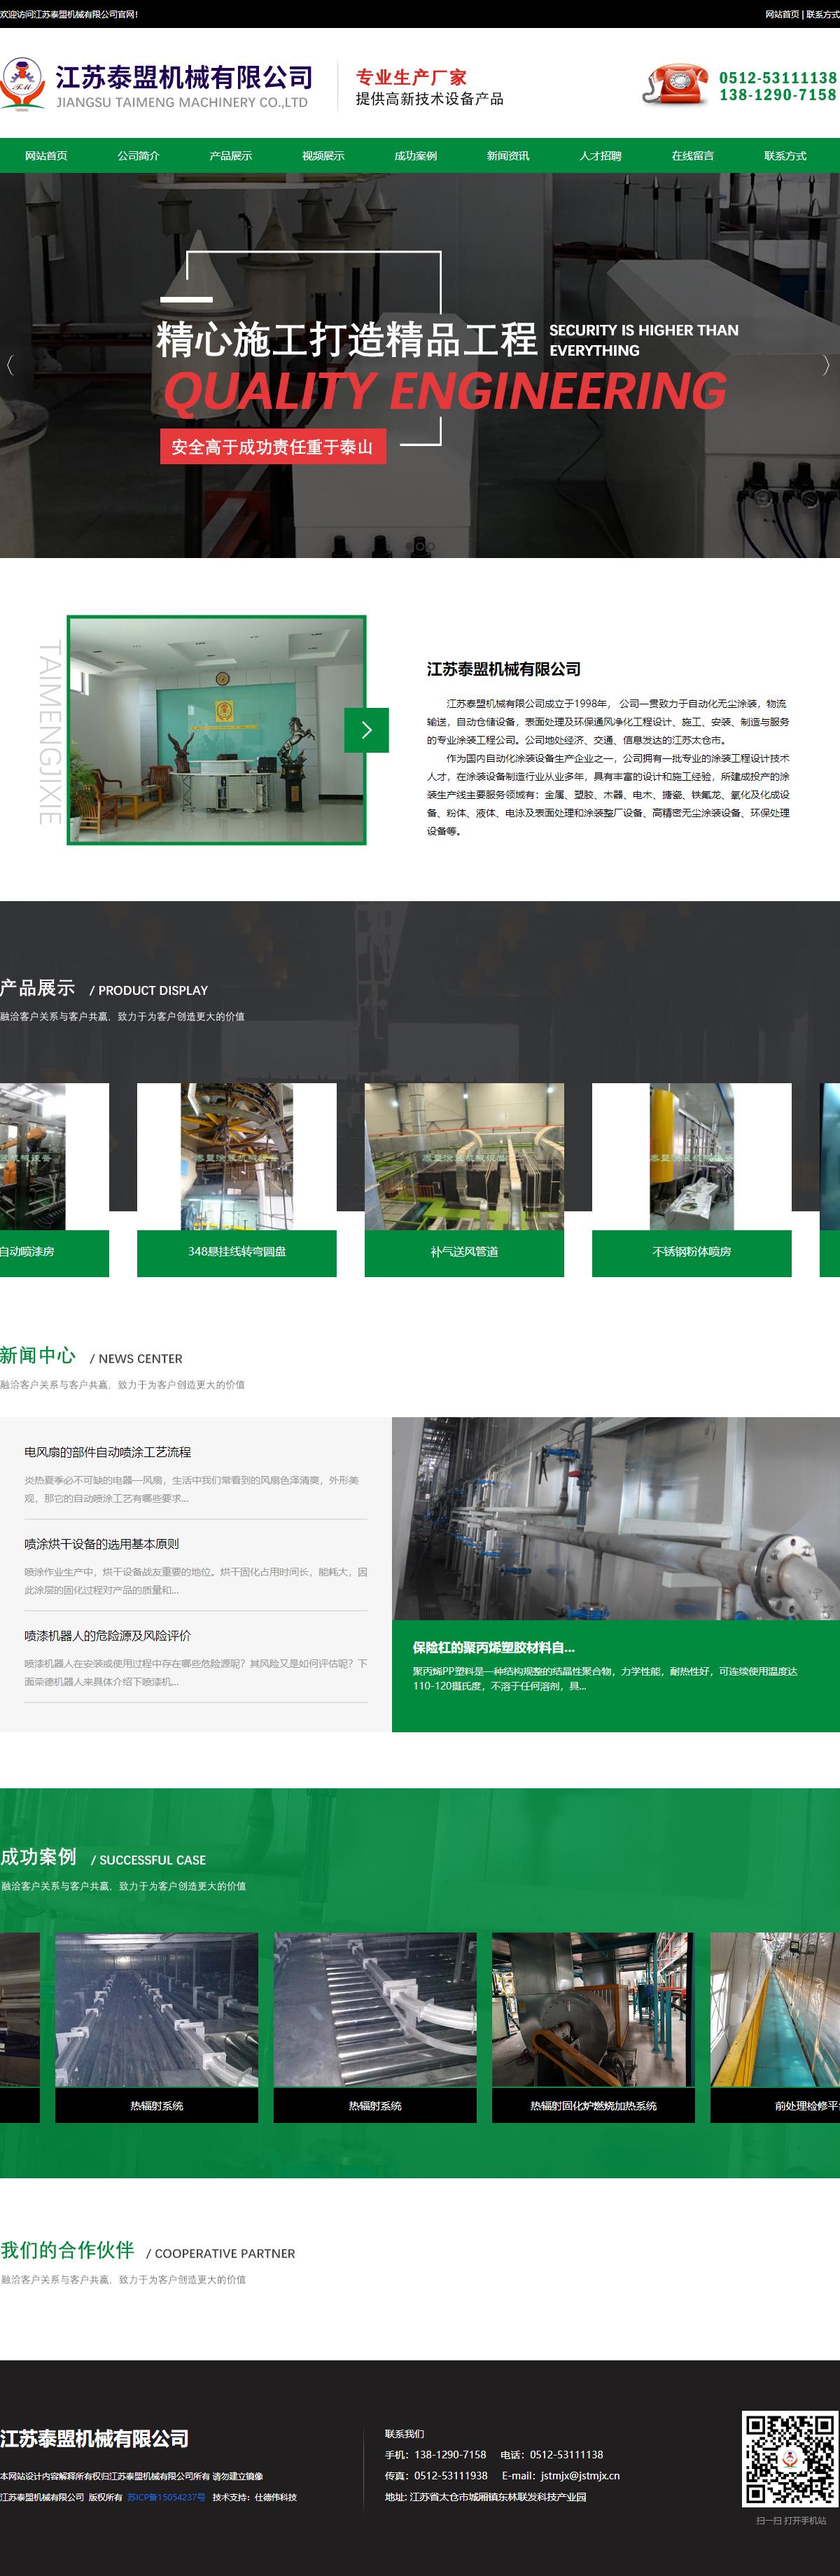 江苏泰盟机械有限公司网站案例